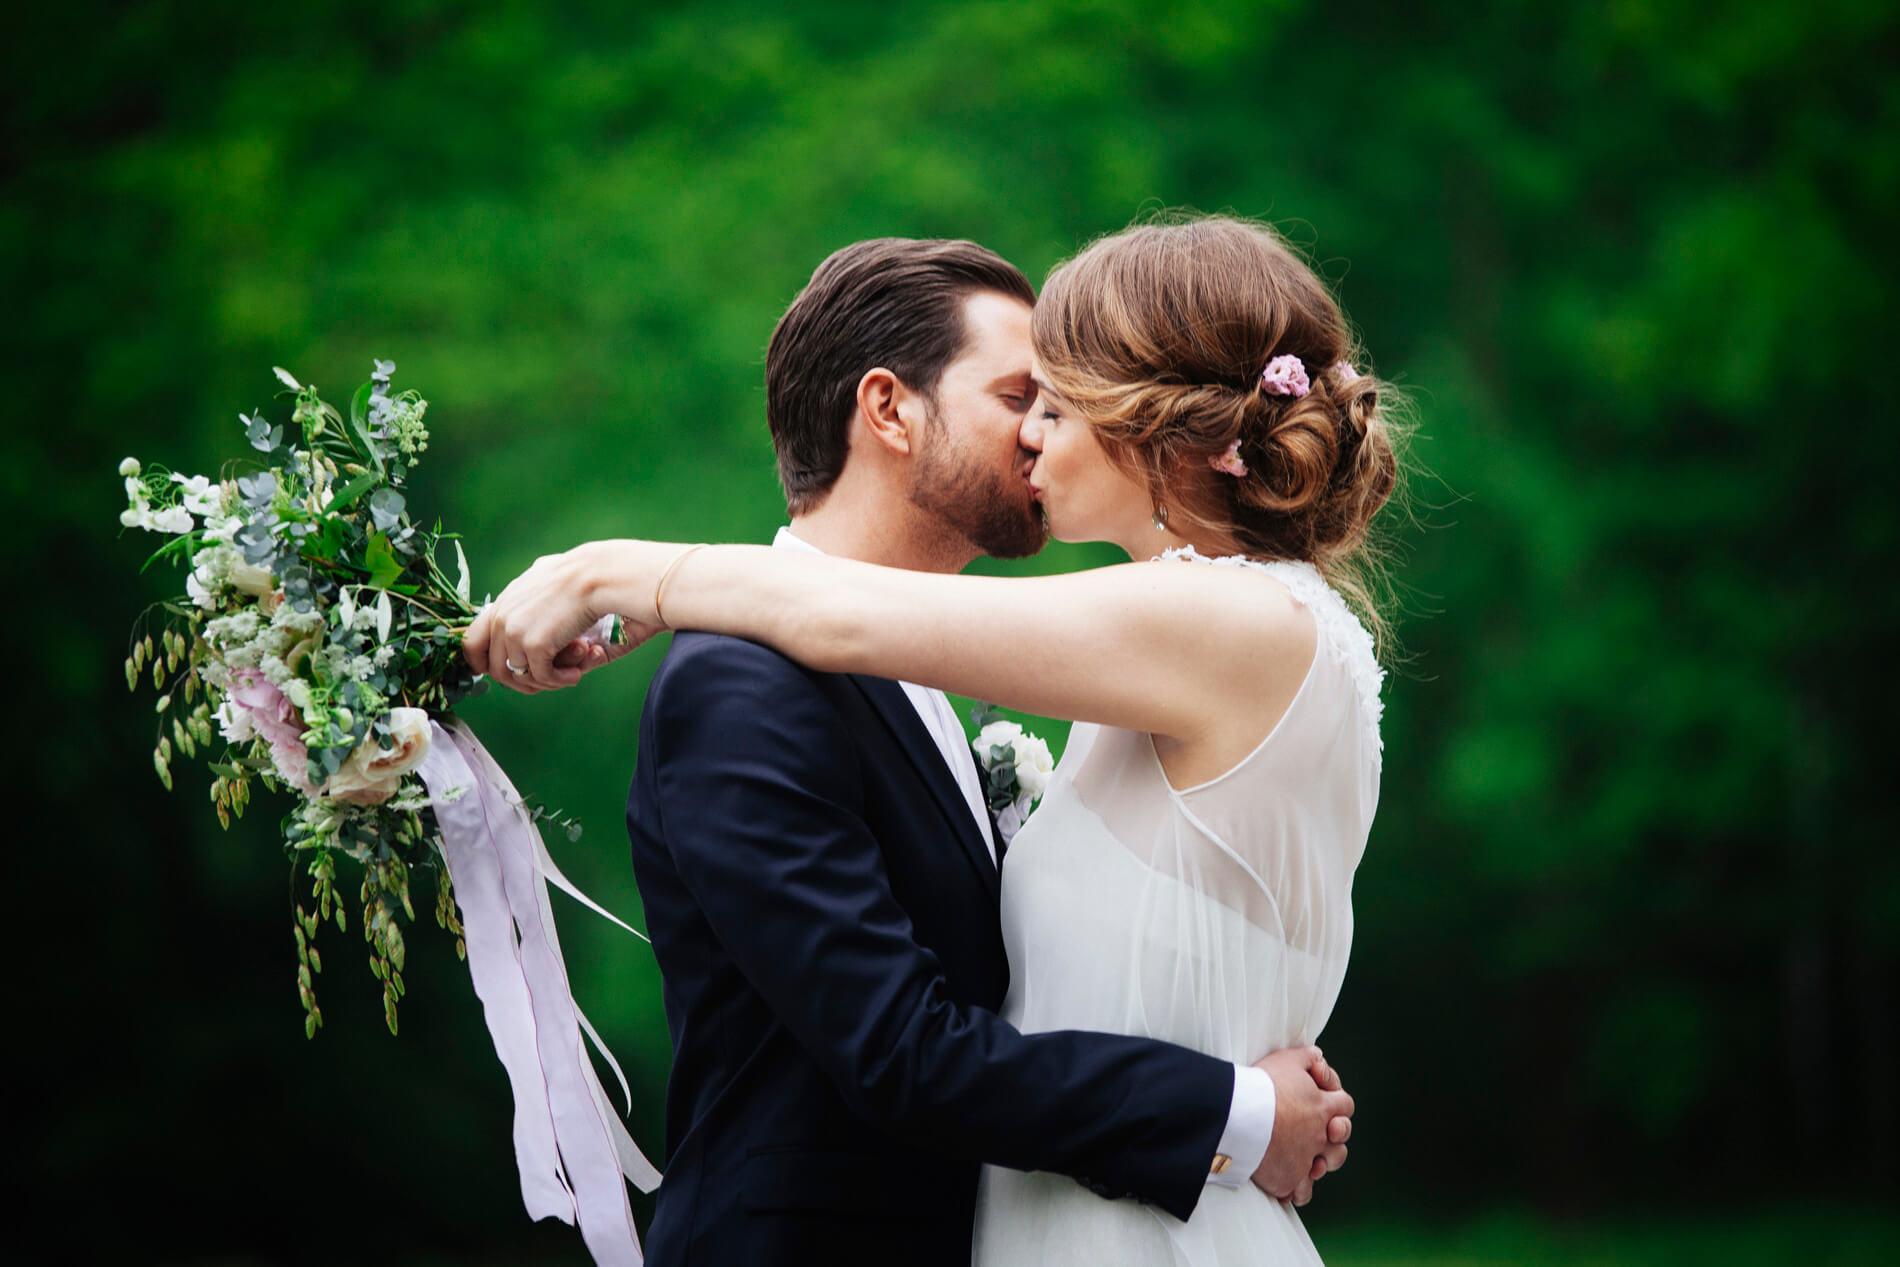 you-me-us_wedding-and-family-photography_hochzeitsreportage-hamburg_isabelle-niki_135